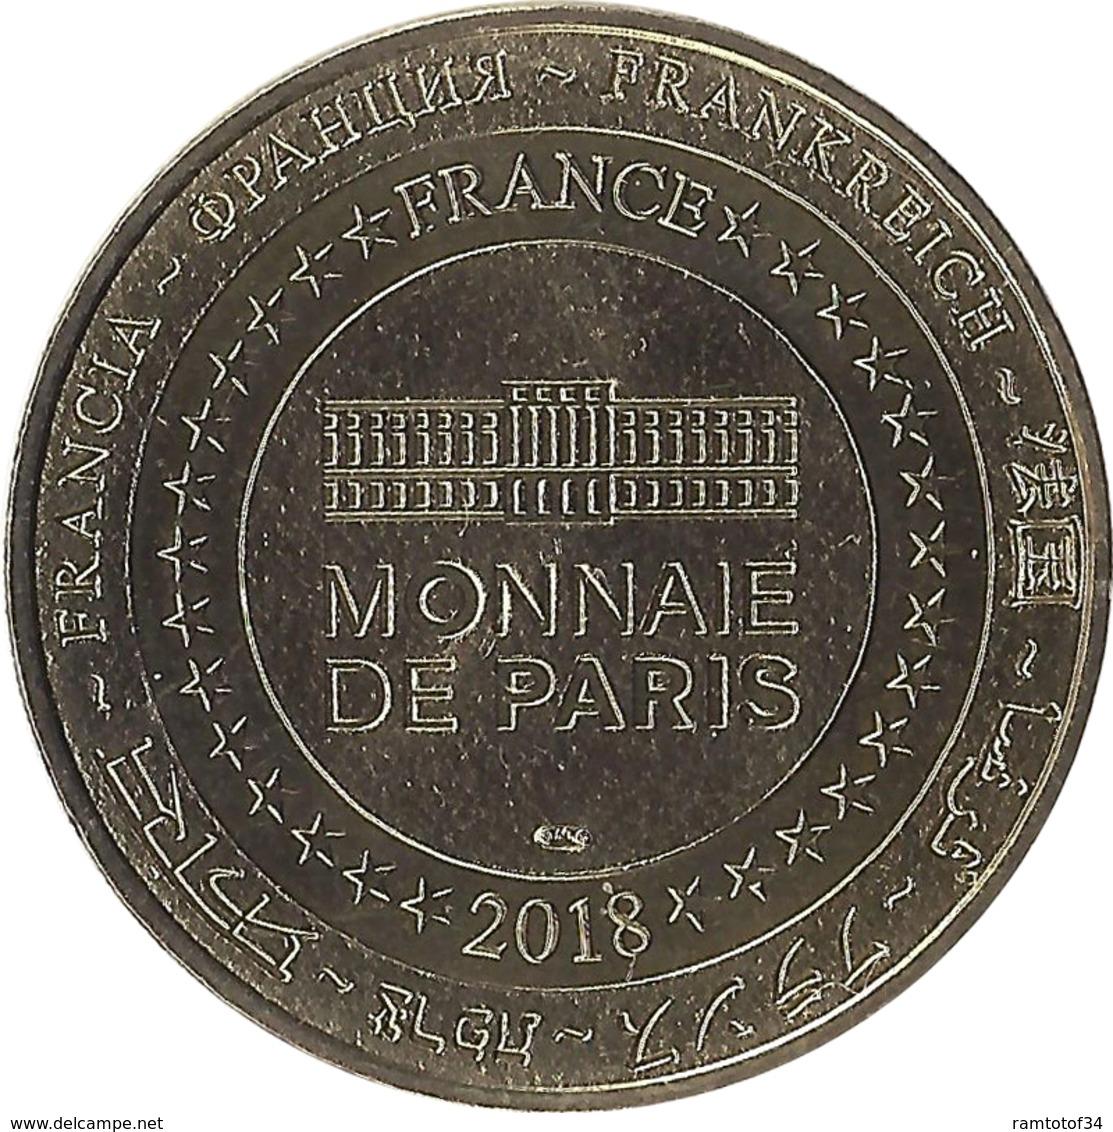 2018 MDP156 - ST CÔME DU MONT - Carentan 2 (D-Day Experience) / MONNAIE DE PARIS - 2018